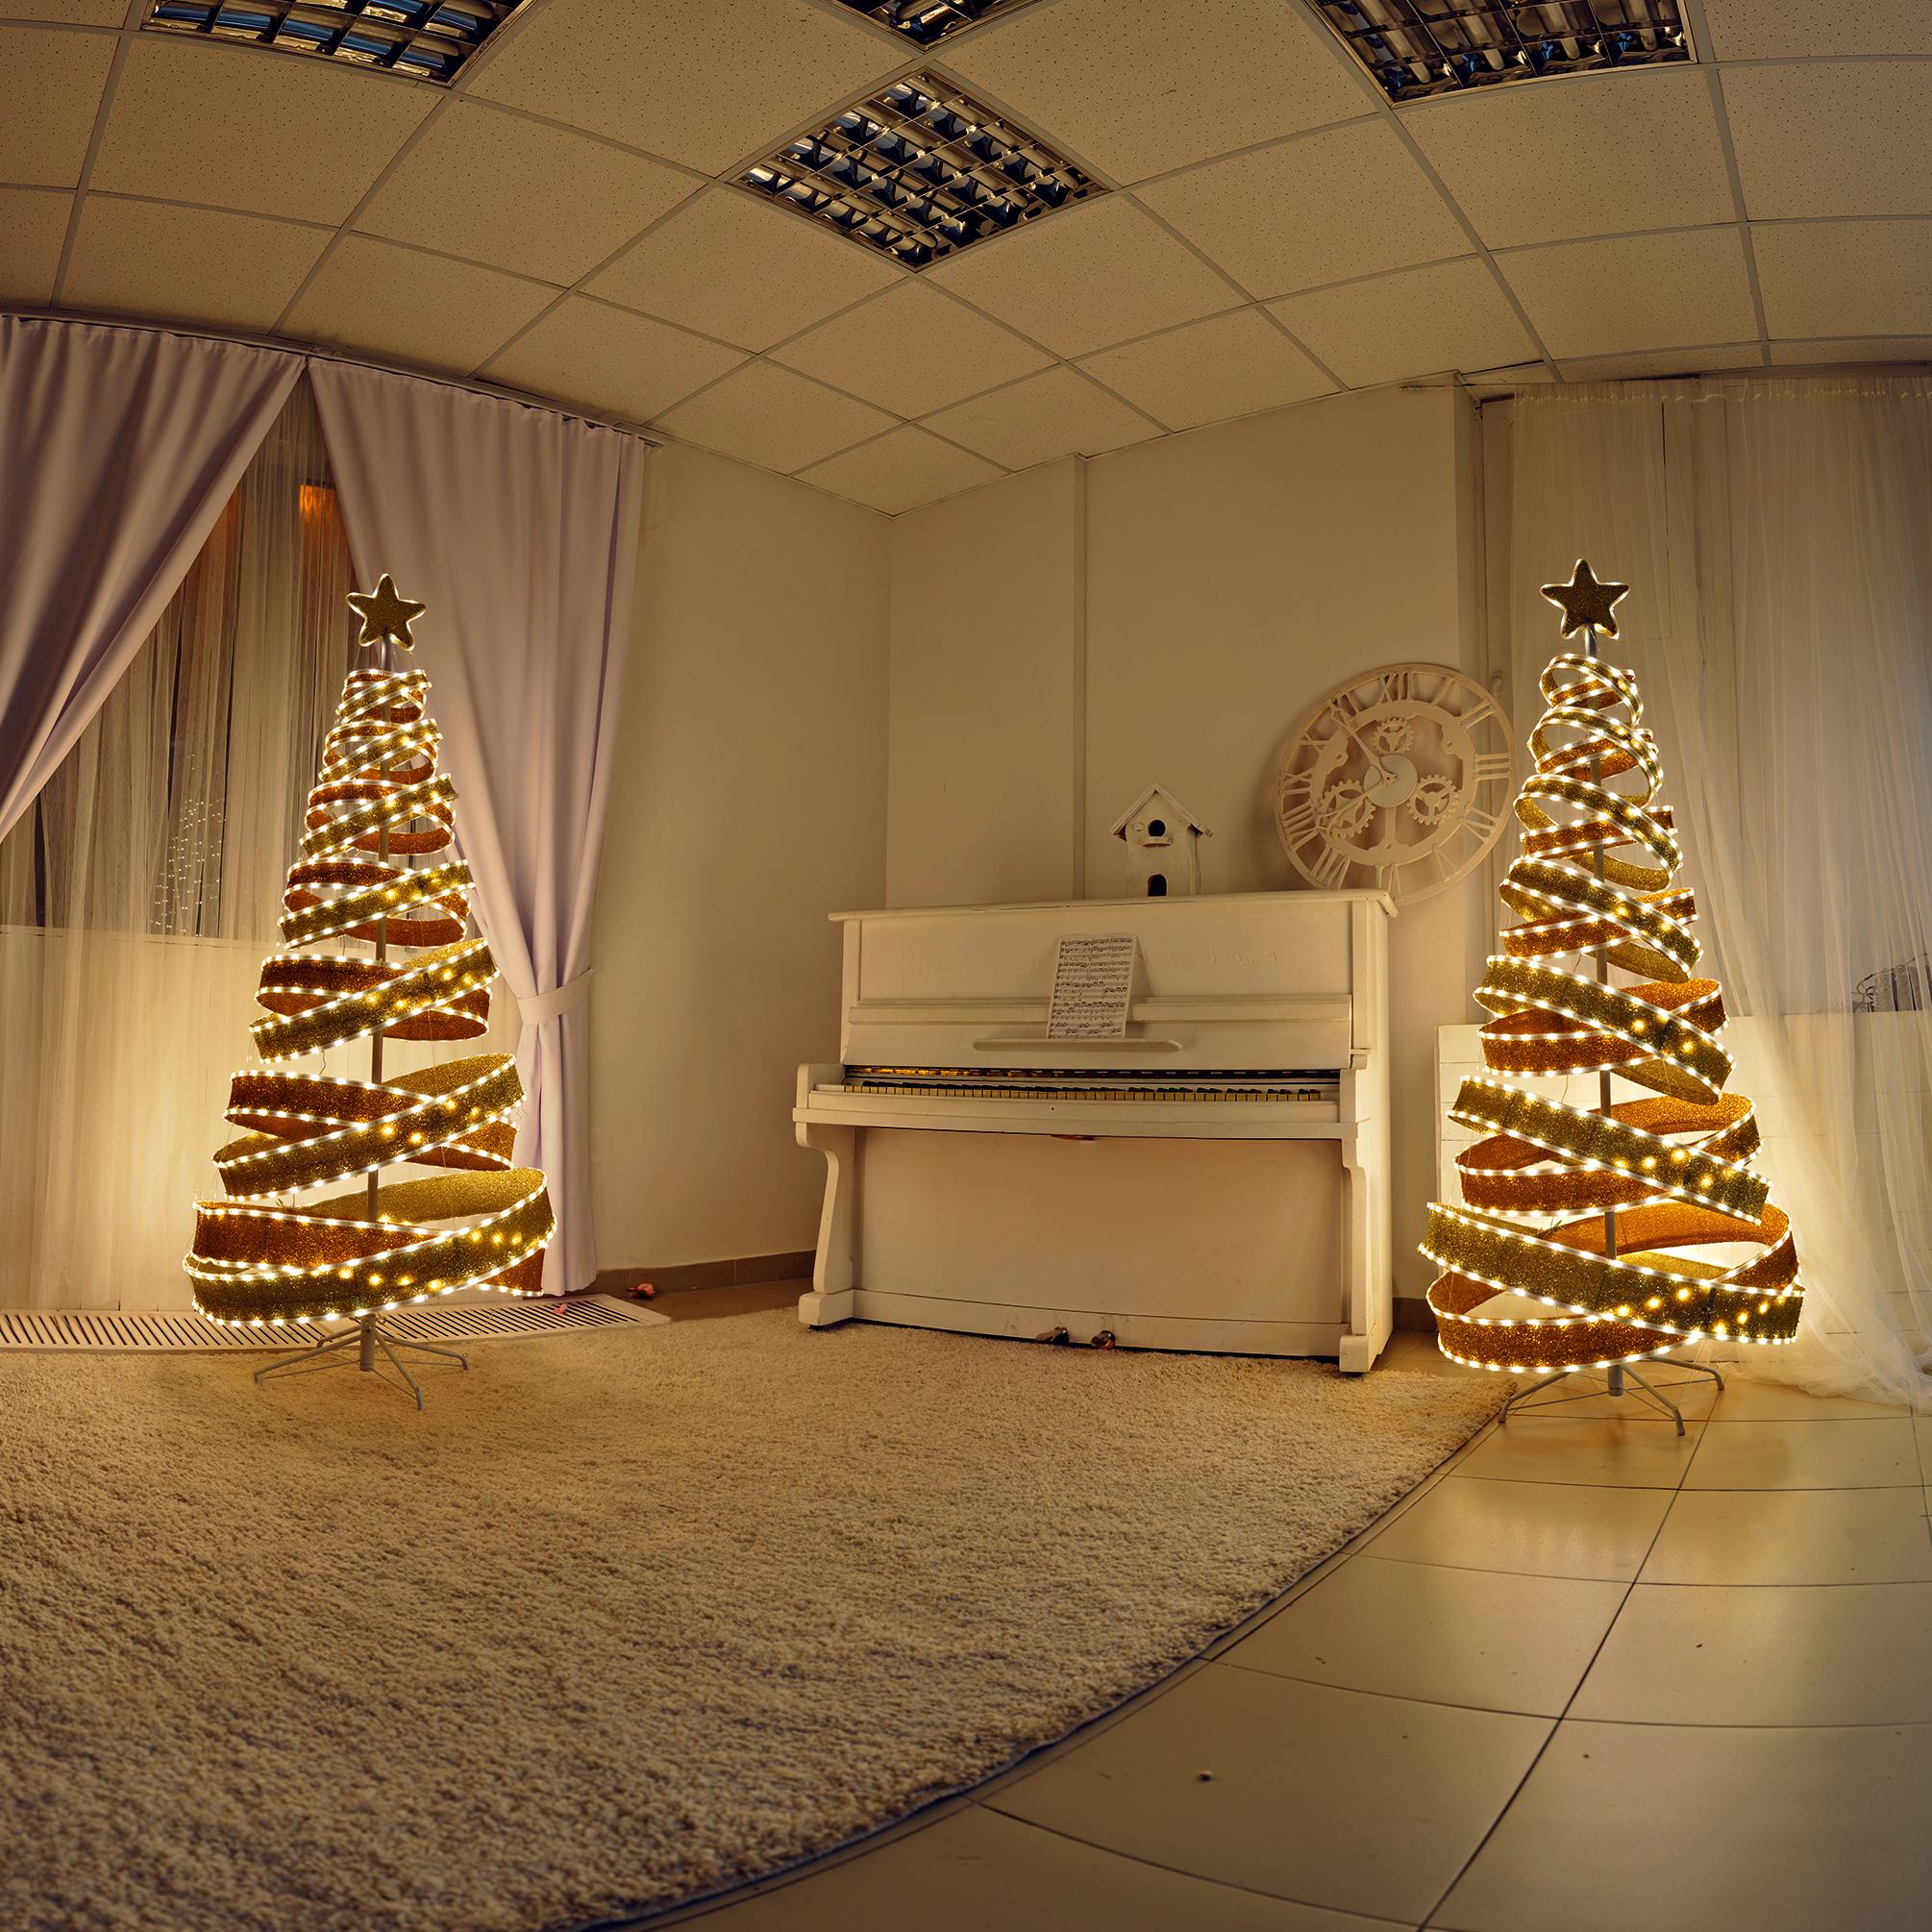 пианино в фотостудии с елками на новый год